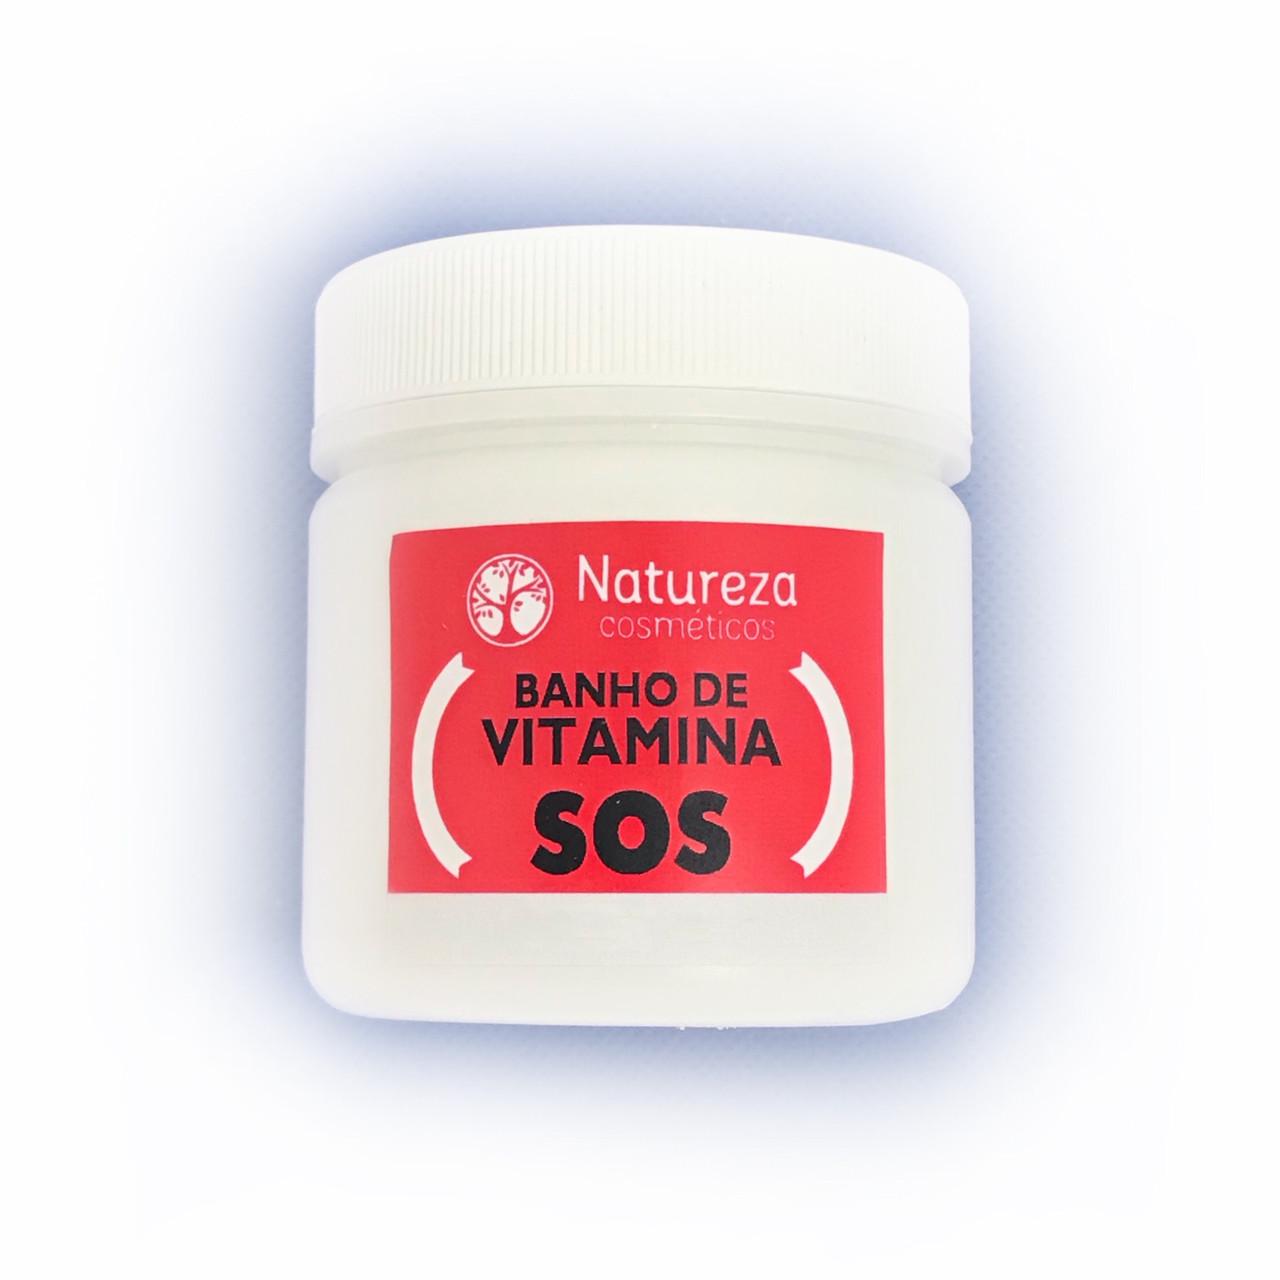 Ботекс-восстановление волос NATUREZA SOS Banho de VITAMINA, 100 г